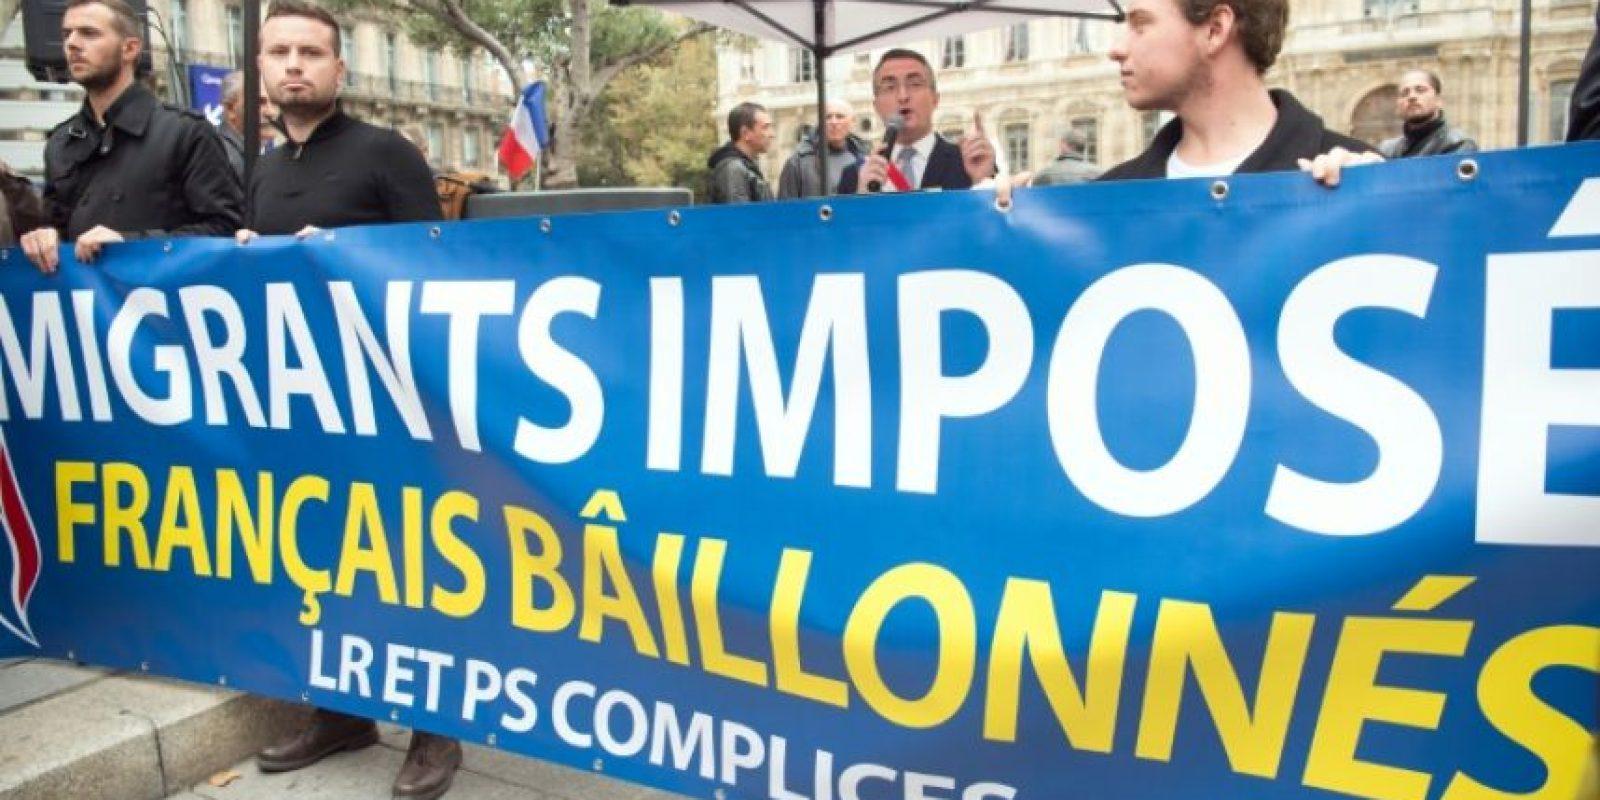 El senador y alcalde del grupo de derecha francés Frente Nacional (FN), Stéphane Ravier, pronuncia un discurso ante partidarios en Marsella, sur de Francia, el 5 de noviembre de 2016. Foto:BERTRAND LANGLOIS/afp.com